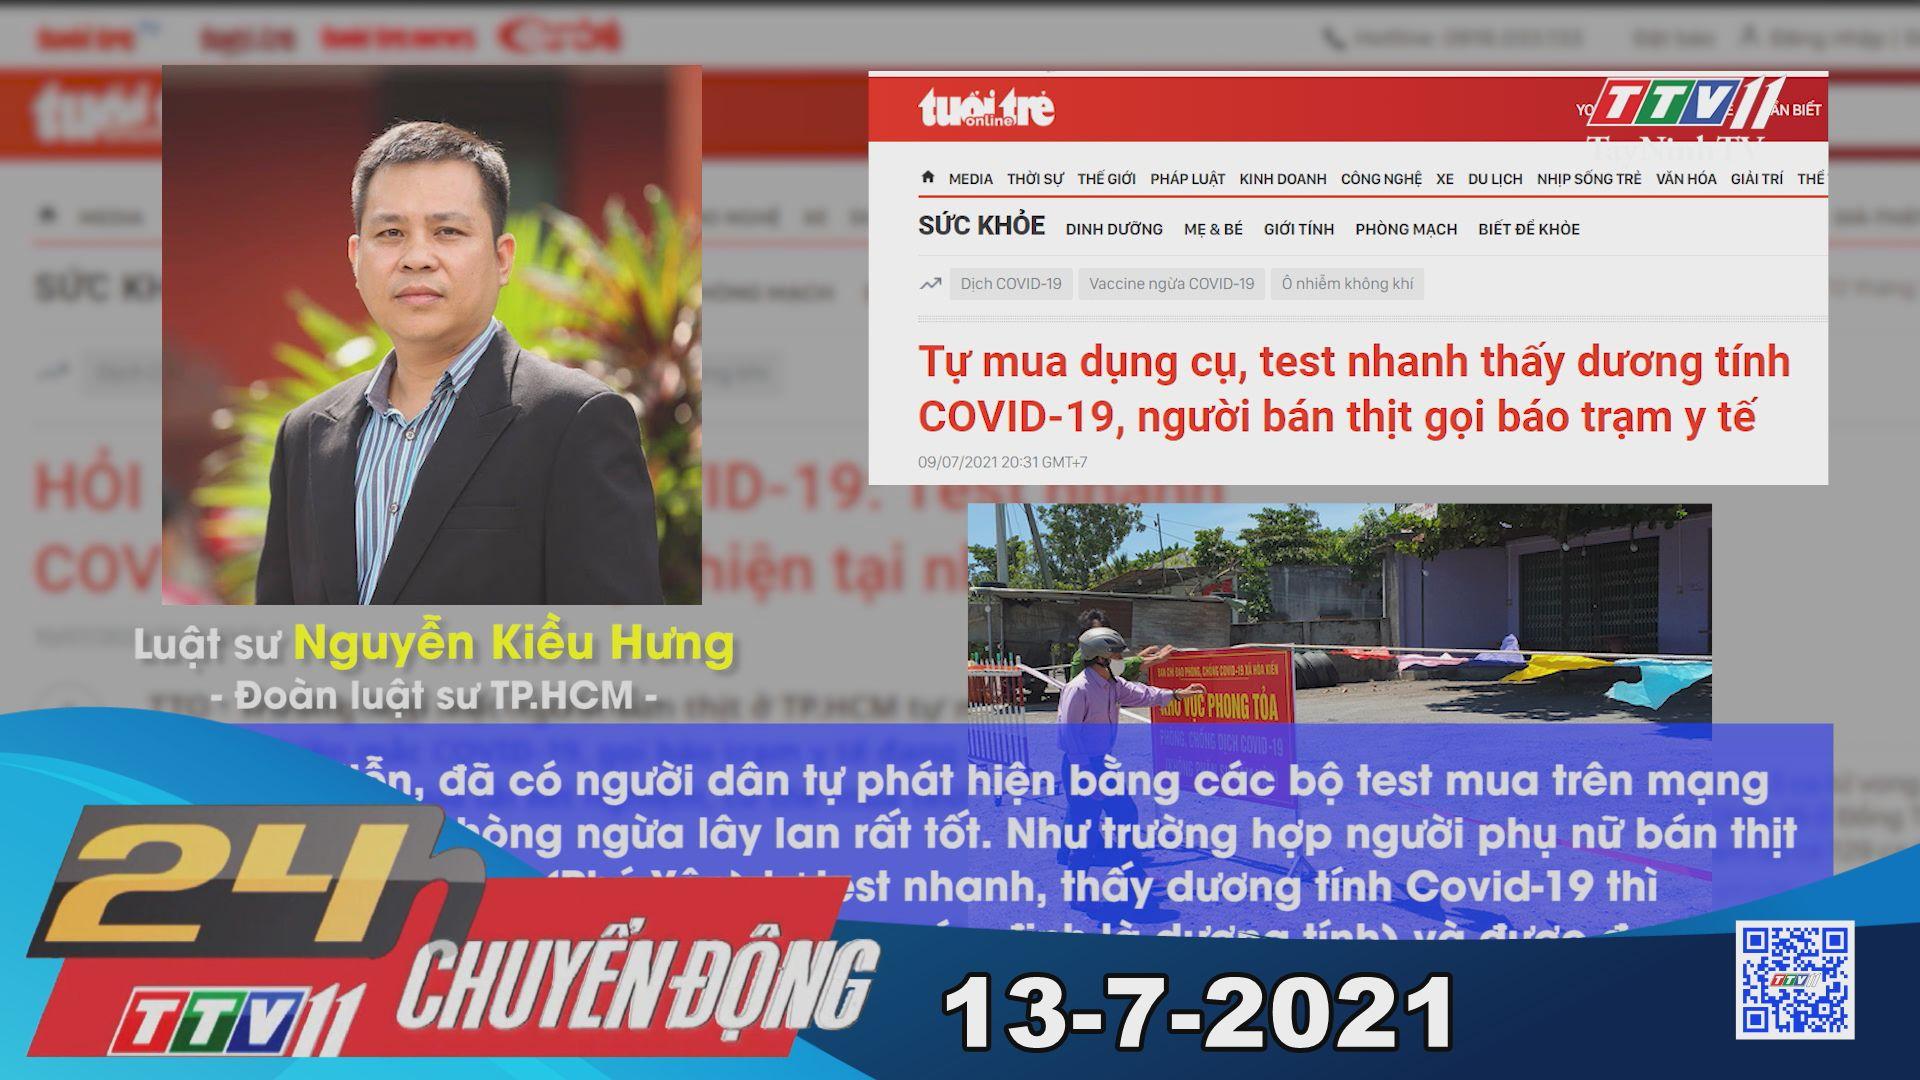 24h Chuyển động 13-7-2021 | Tin tức hôm nay | TayNinhTV